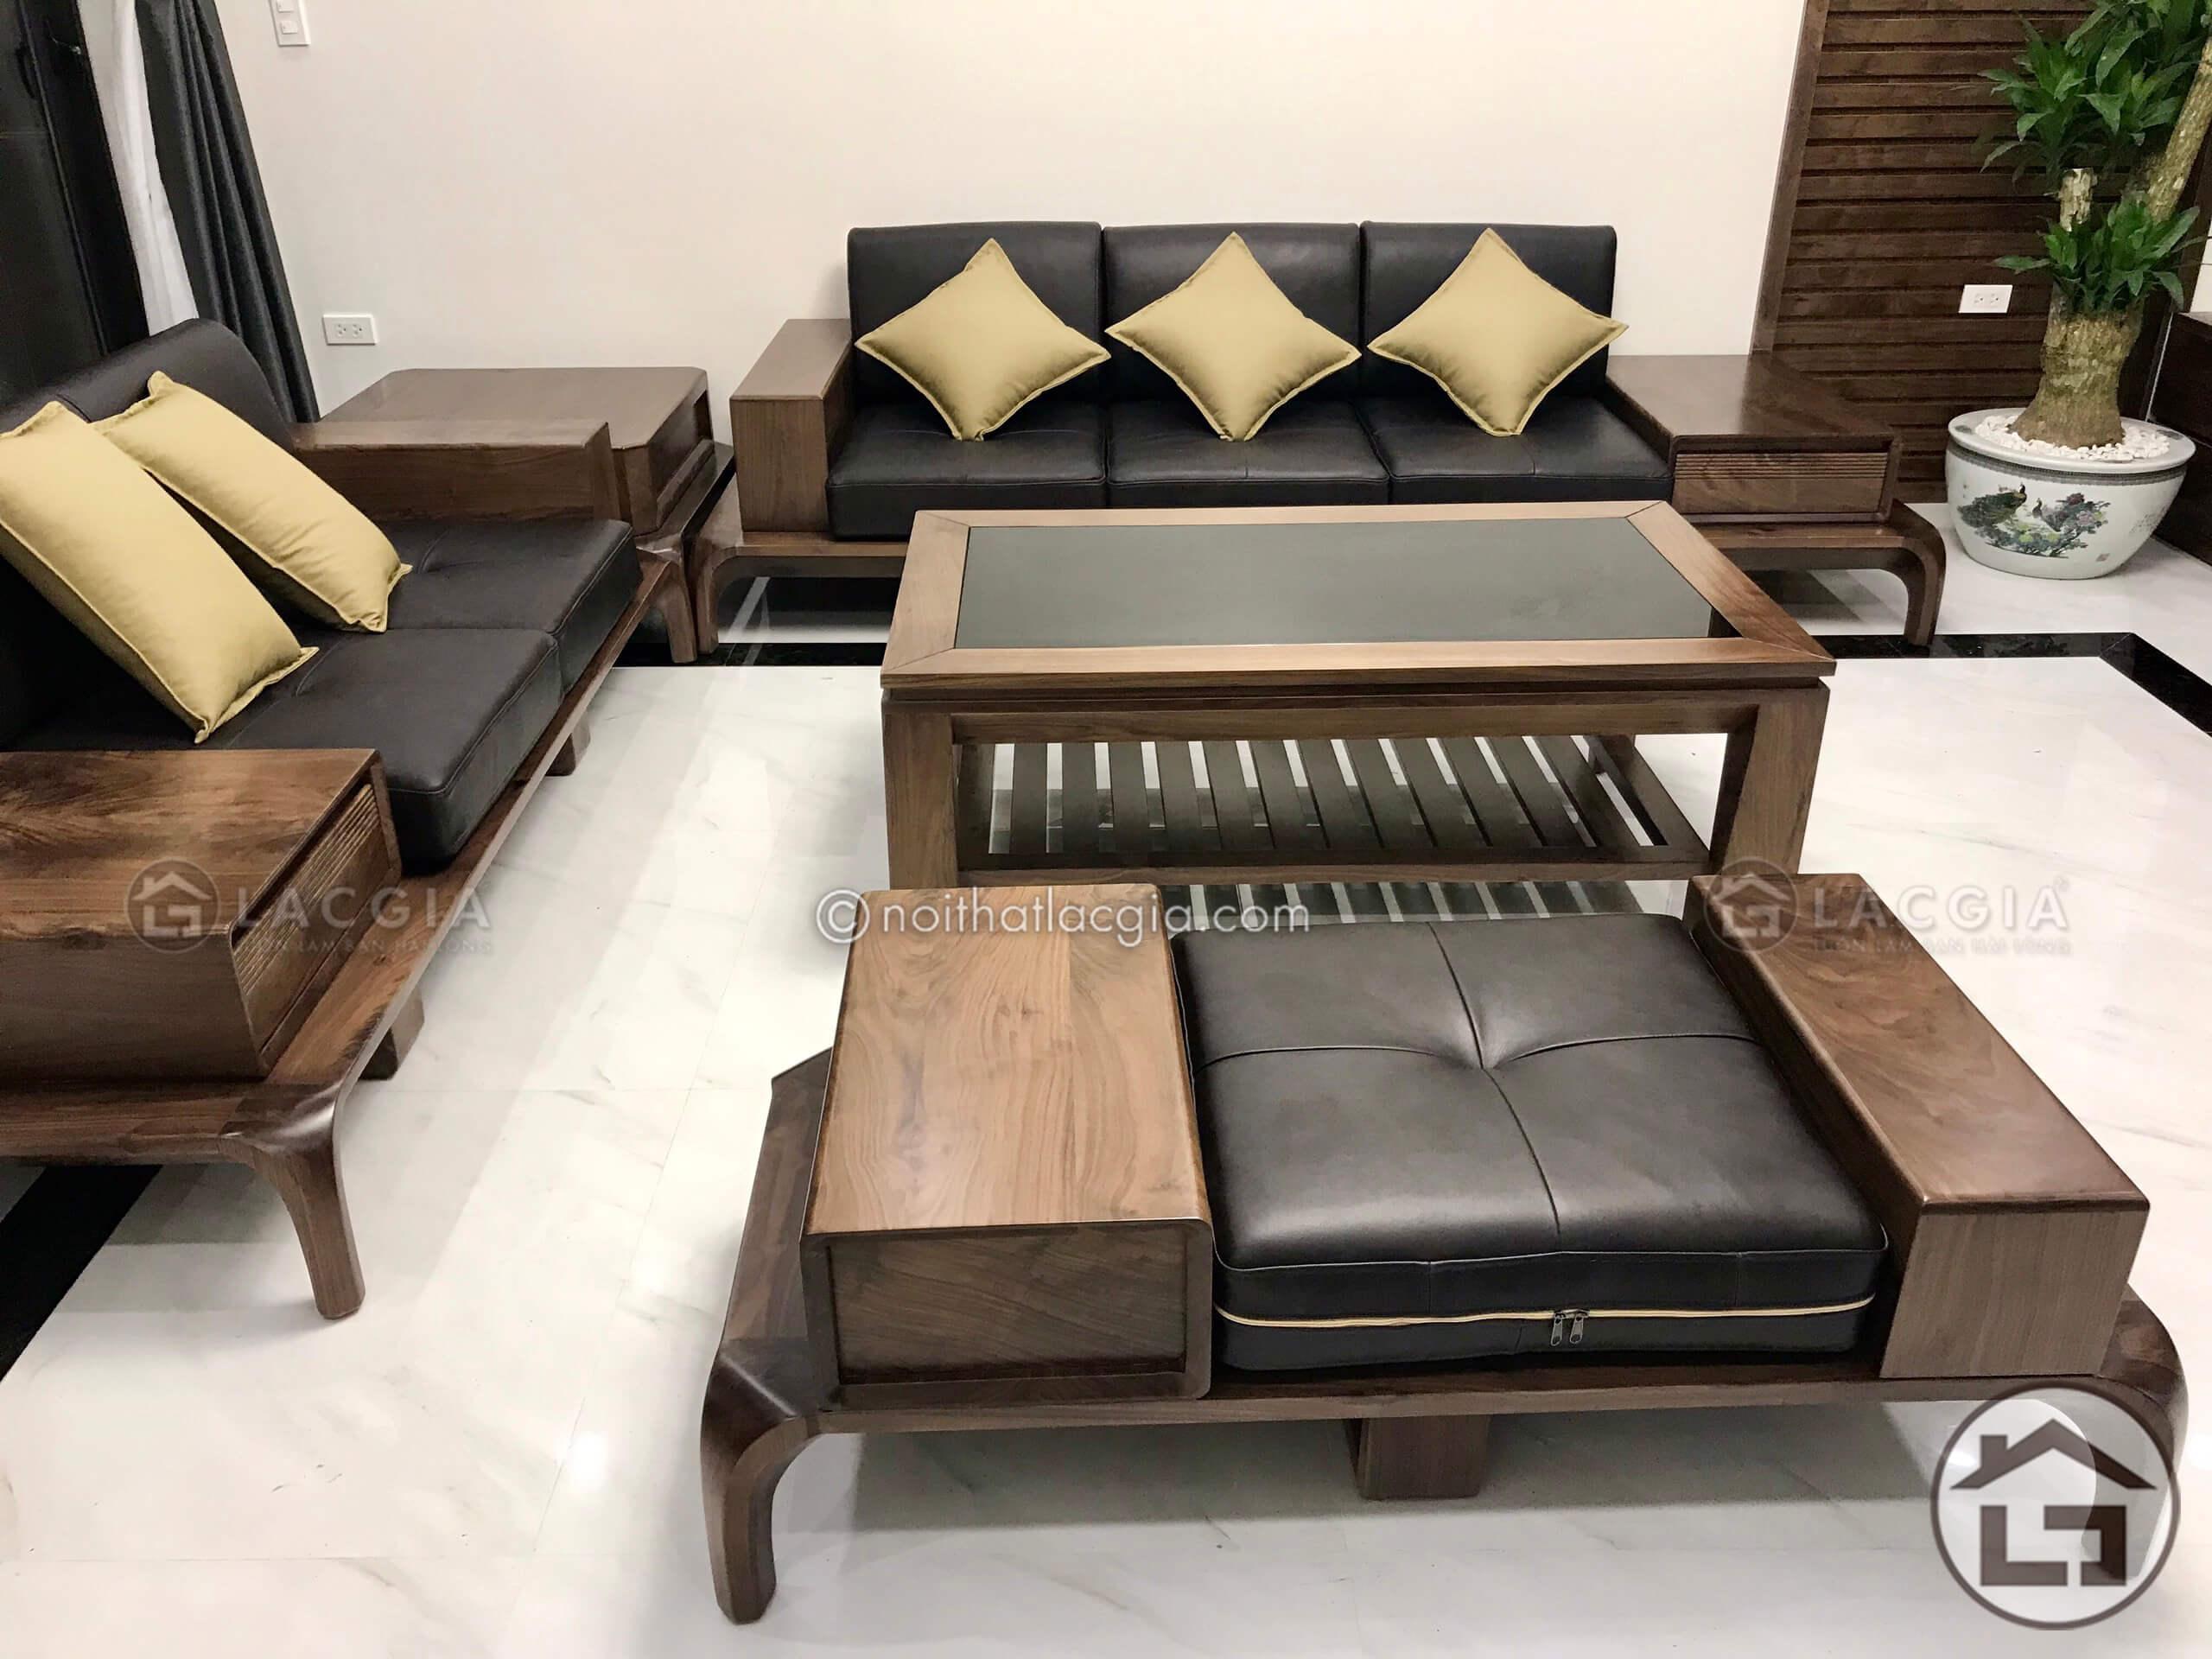 Sofa gỗ óc chó cao cấp tại Hà Nội